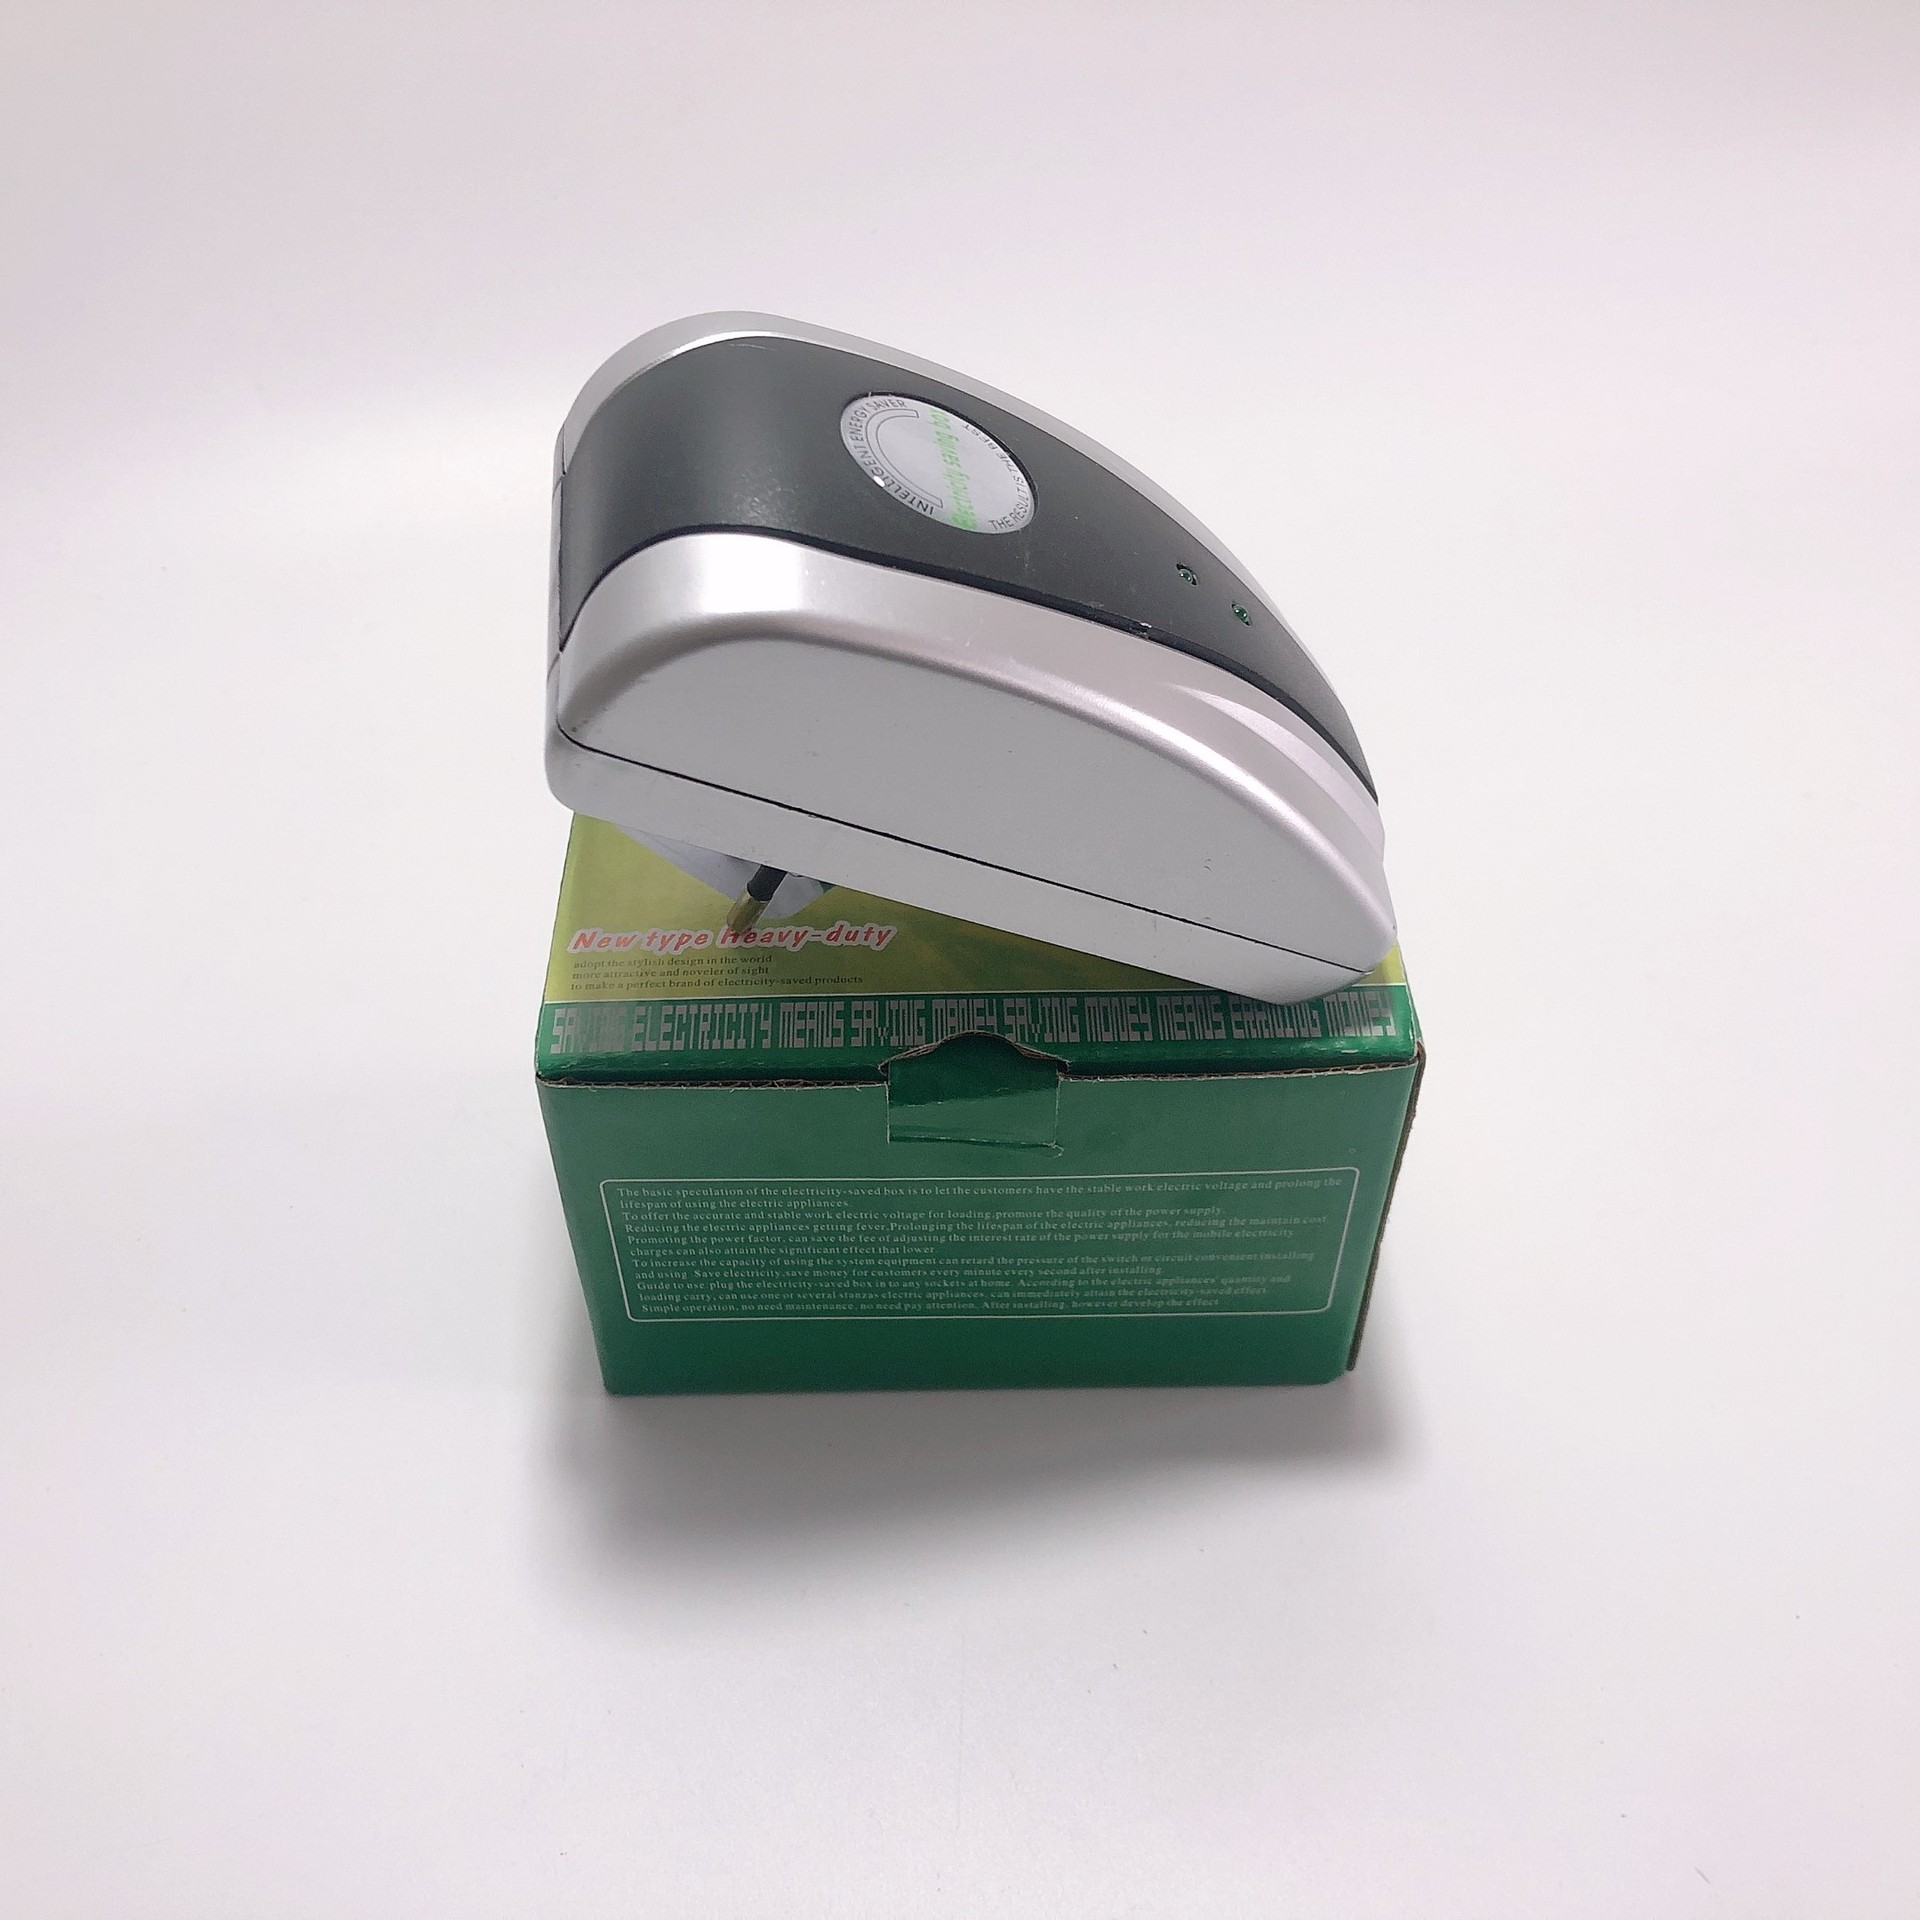 Image 5 - 30KW энергосберегающая коробка 90 V 250 V Электрическое приспособление для экономии электроэнергии устройство энергосбережения до 30% Smart EU UK US Plug-in ЗУ для мобильных телефонов from Мобильные телефоны и телекоммуникации